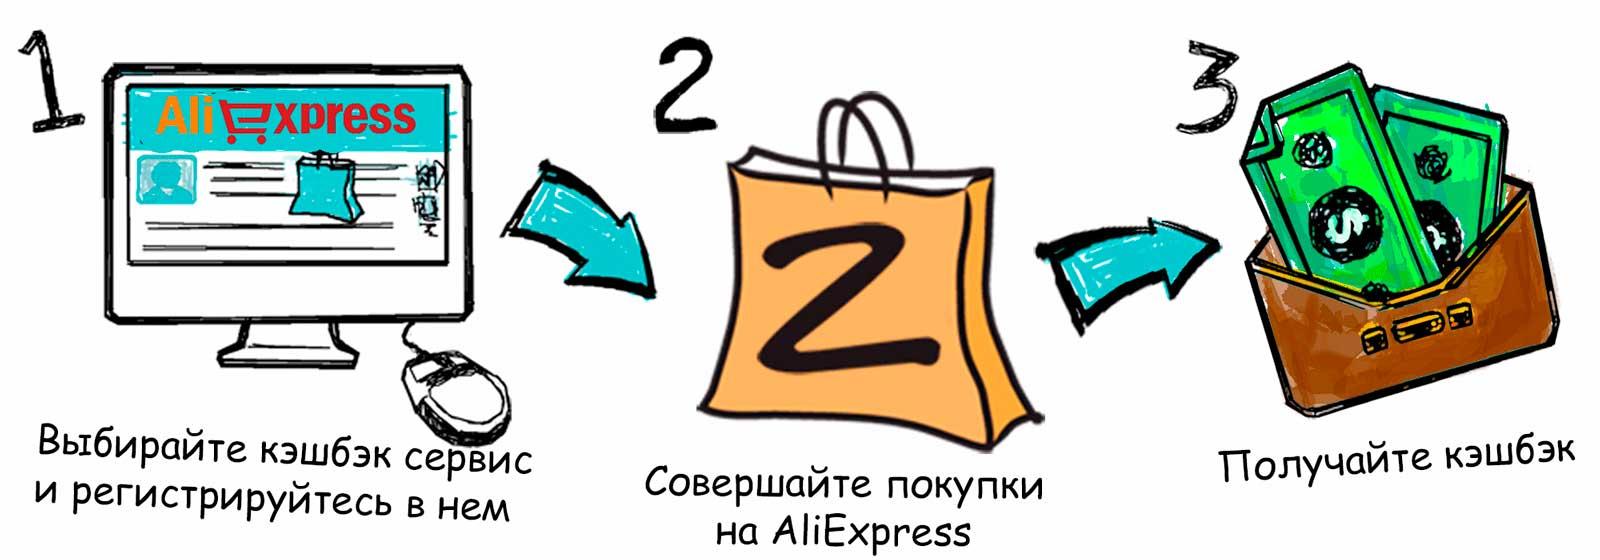 Как работает кэшбэк АлиЭкспресс